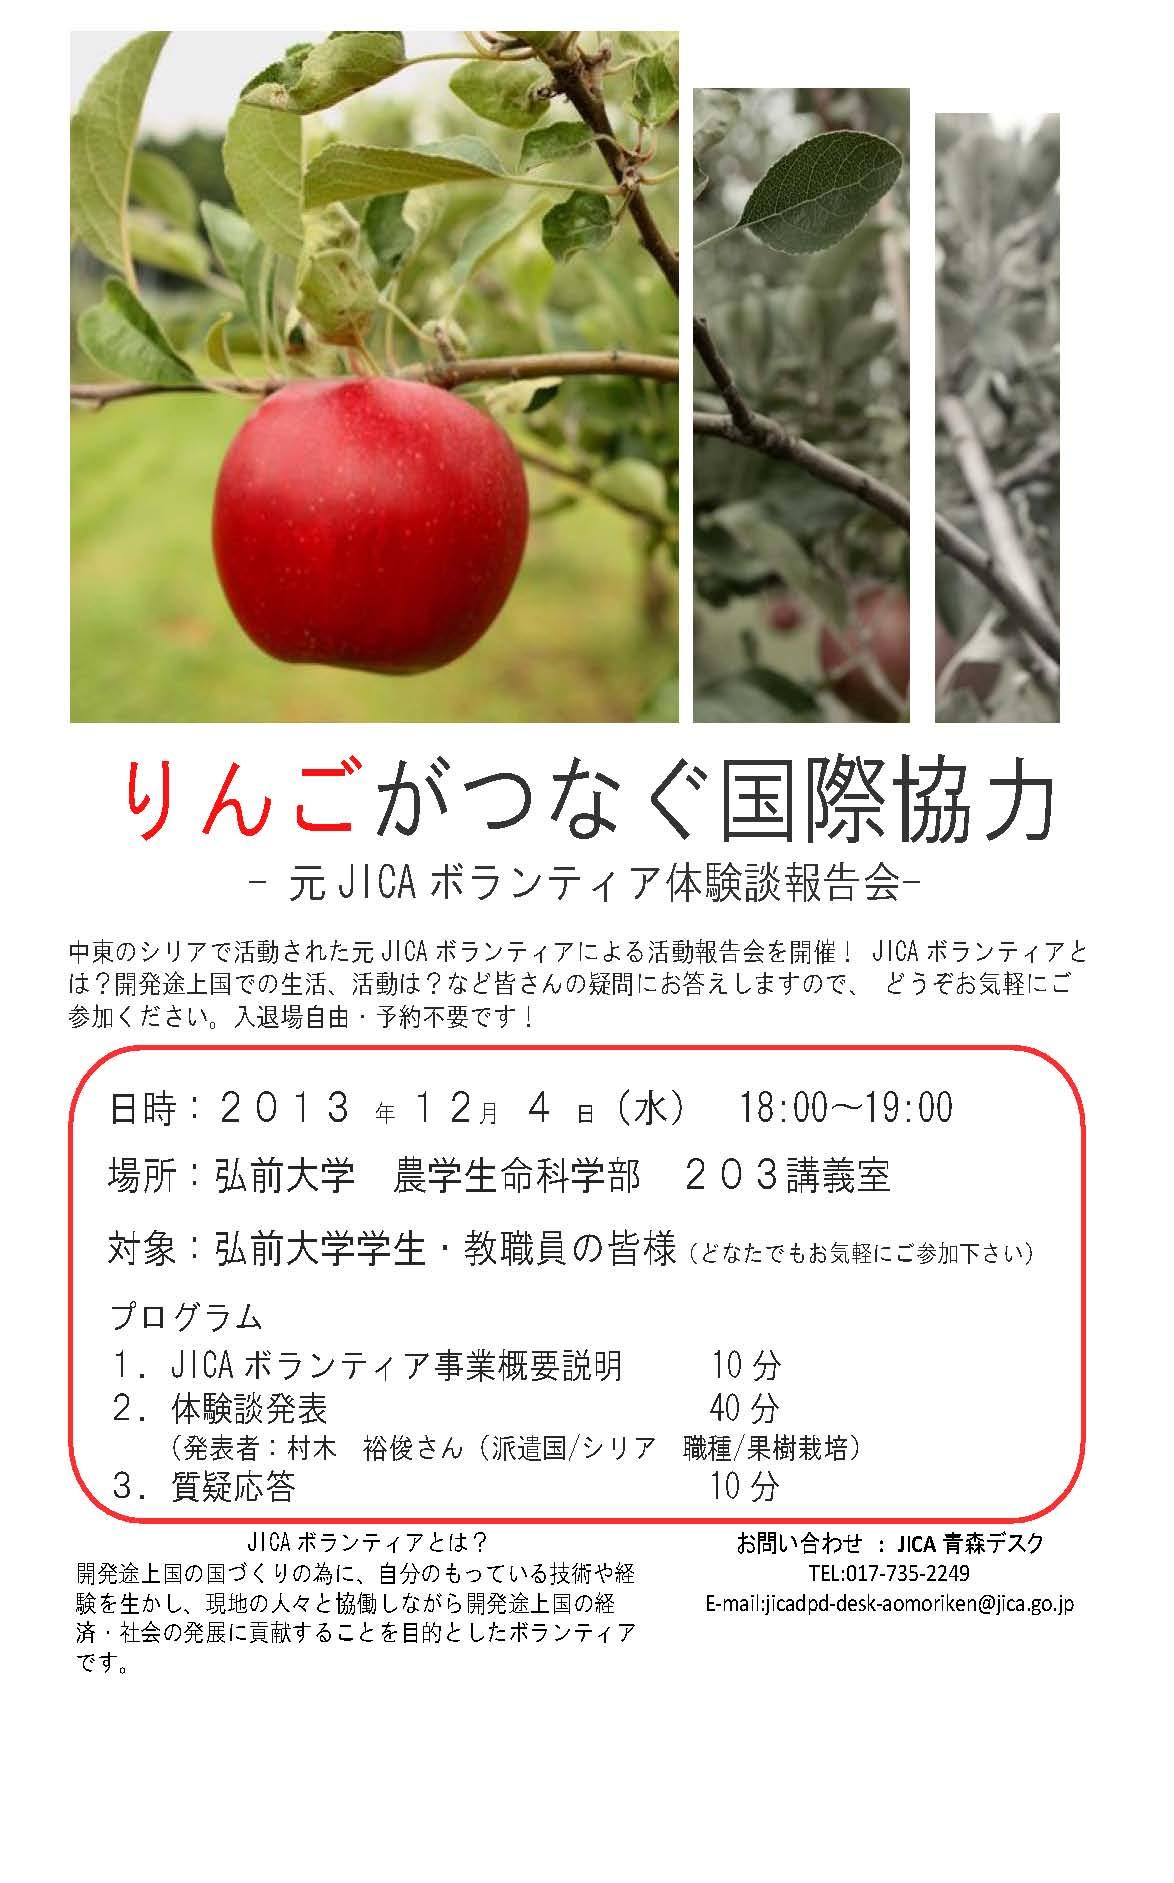 リンゴがつなぐ国際協力